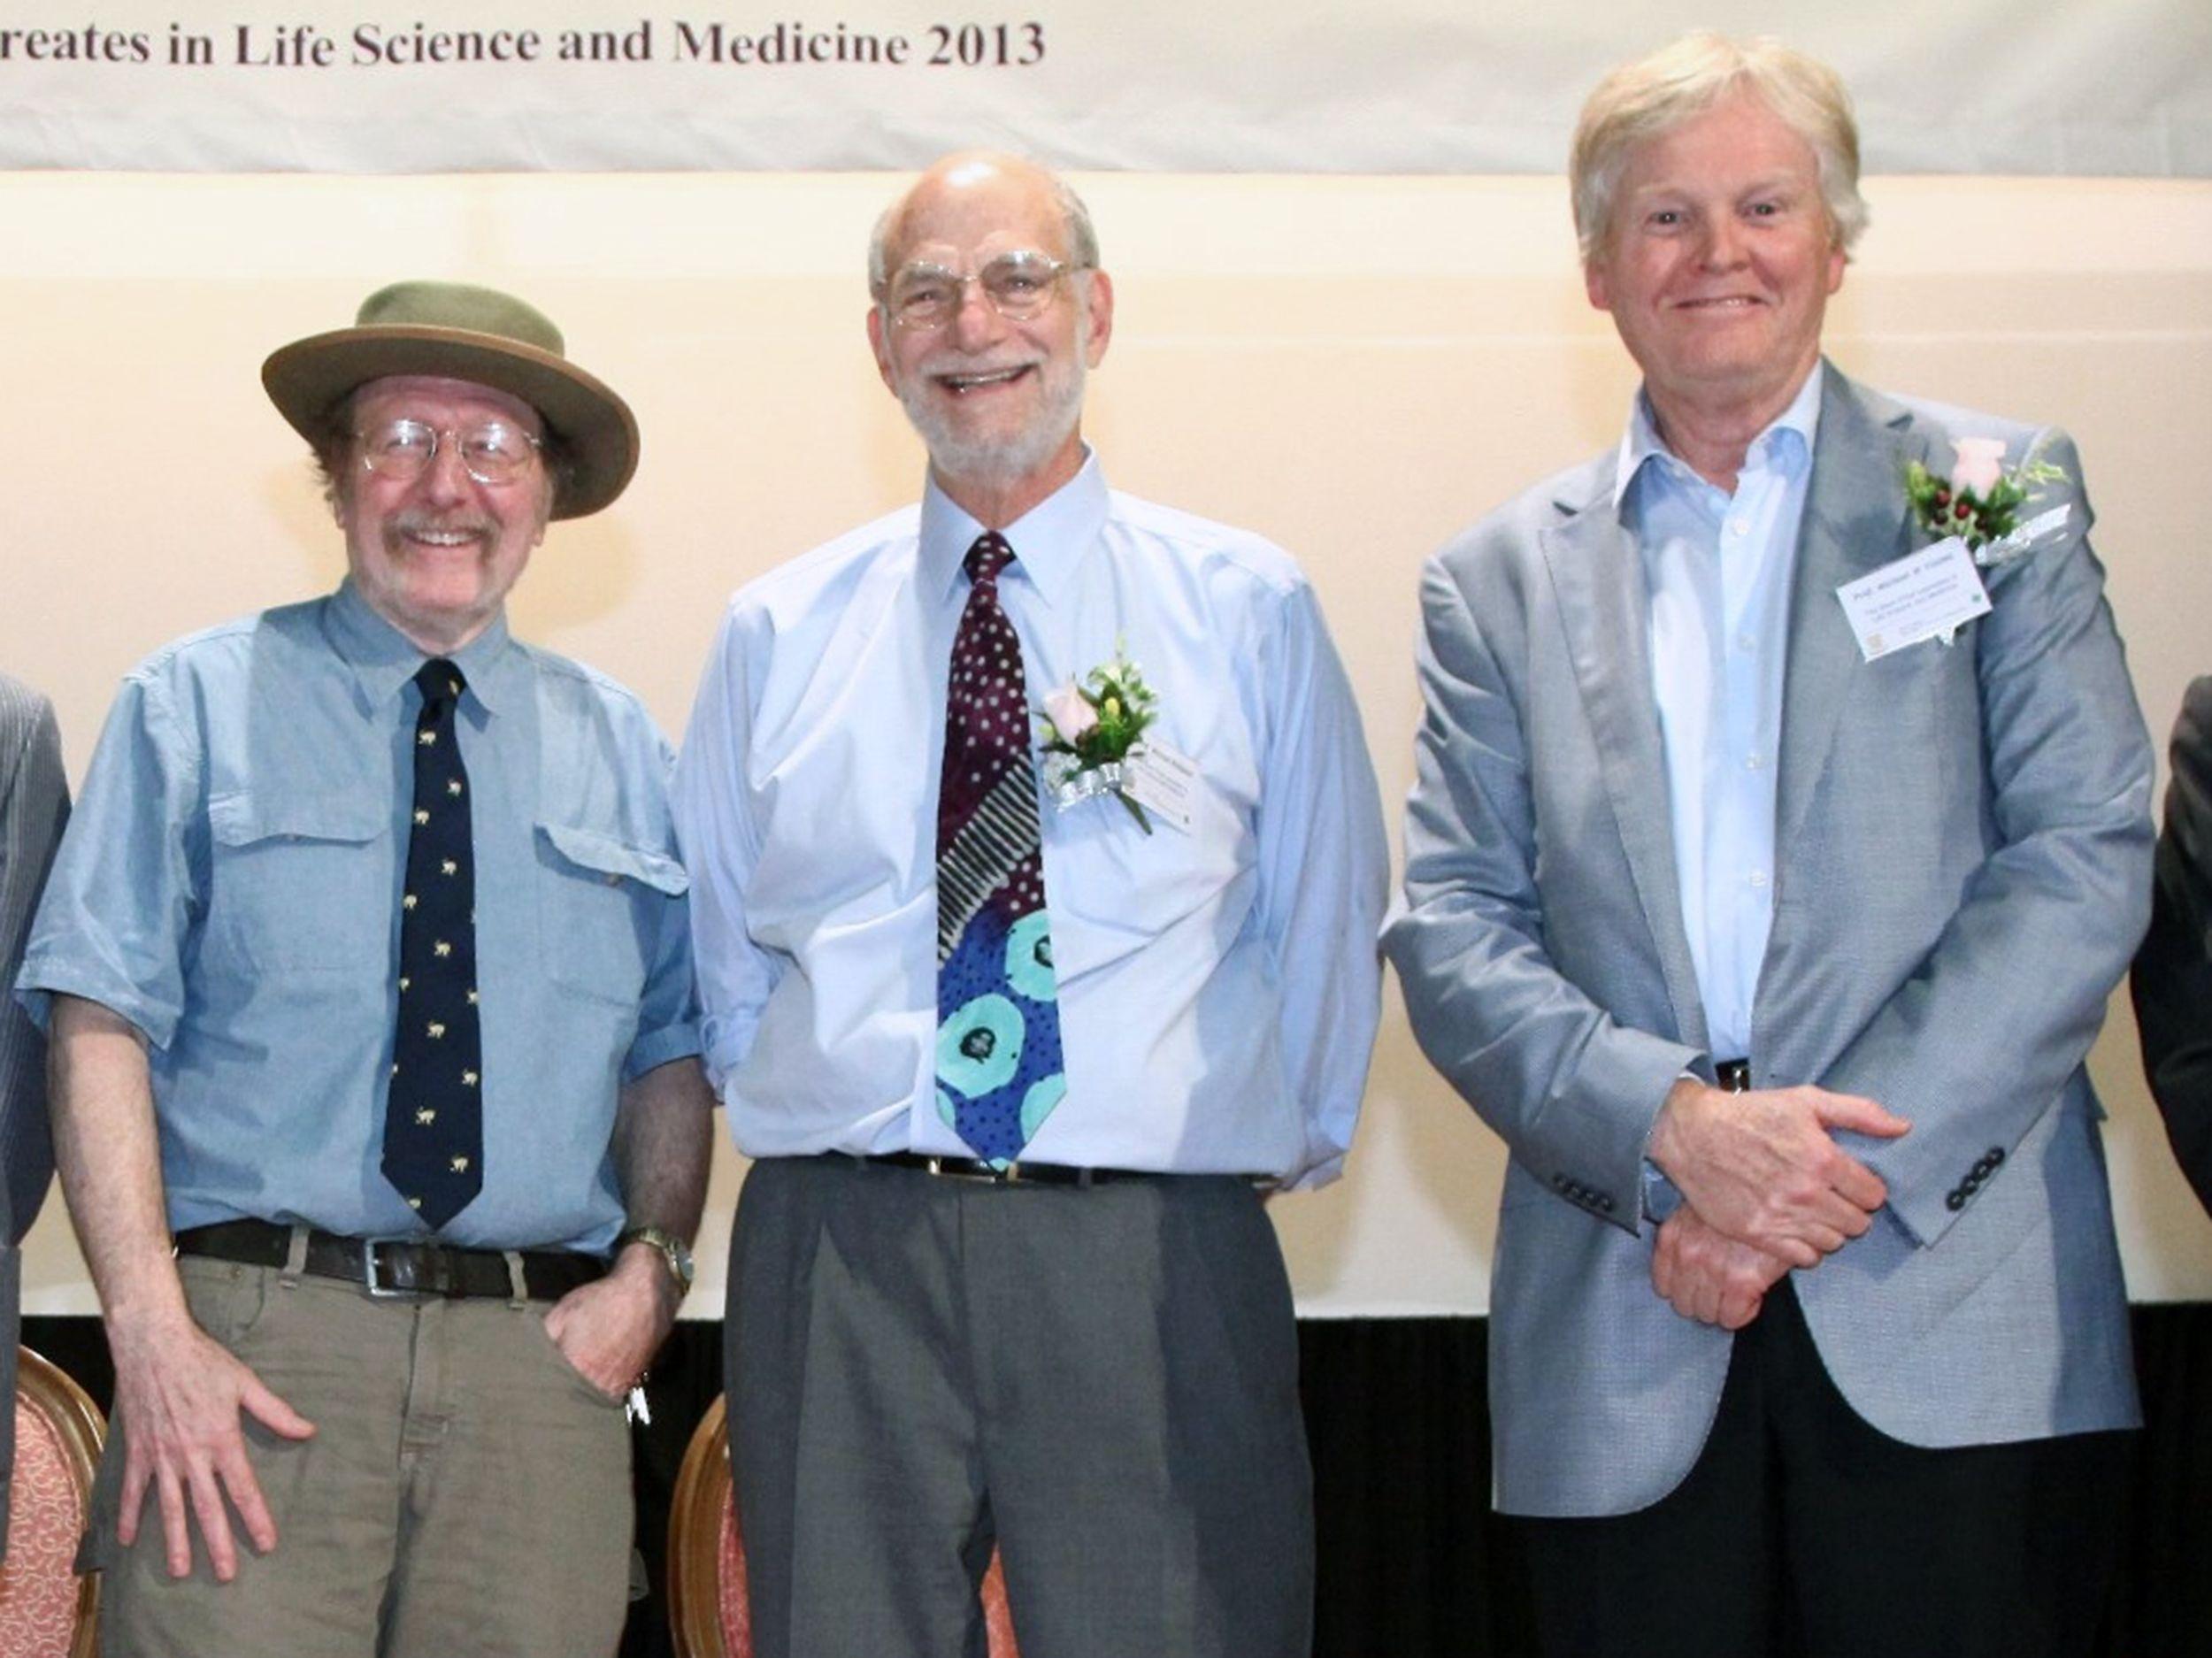 生理或醫學獎得主,是由三位美國遺傳學學者霍爾(Jeffrey C. Hall,左起)、羅斯巴什(Michael Rosbash)和麥可·揚(Michael W. Young)以研究掌控晝夜規律的分子機制而共同獲此殊榮。(路透)